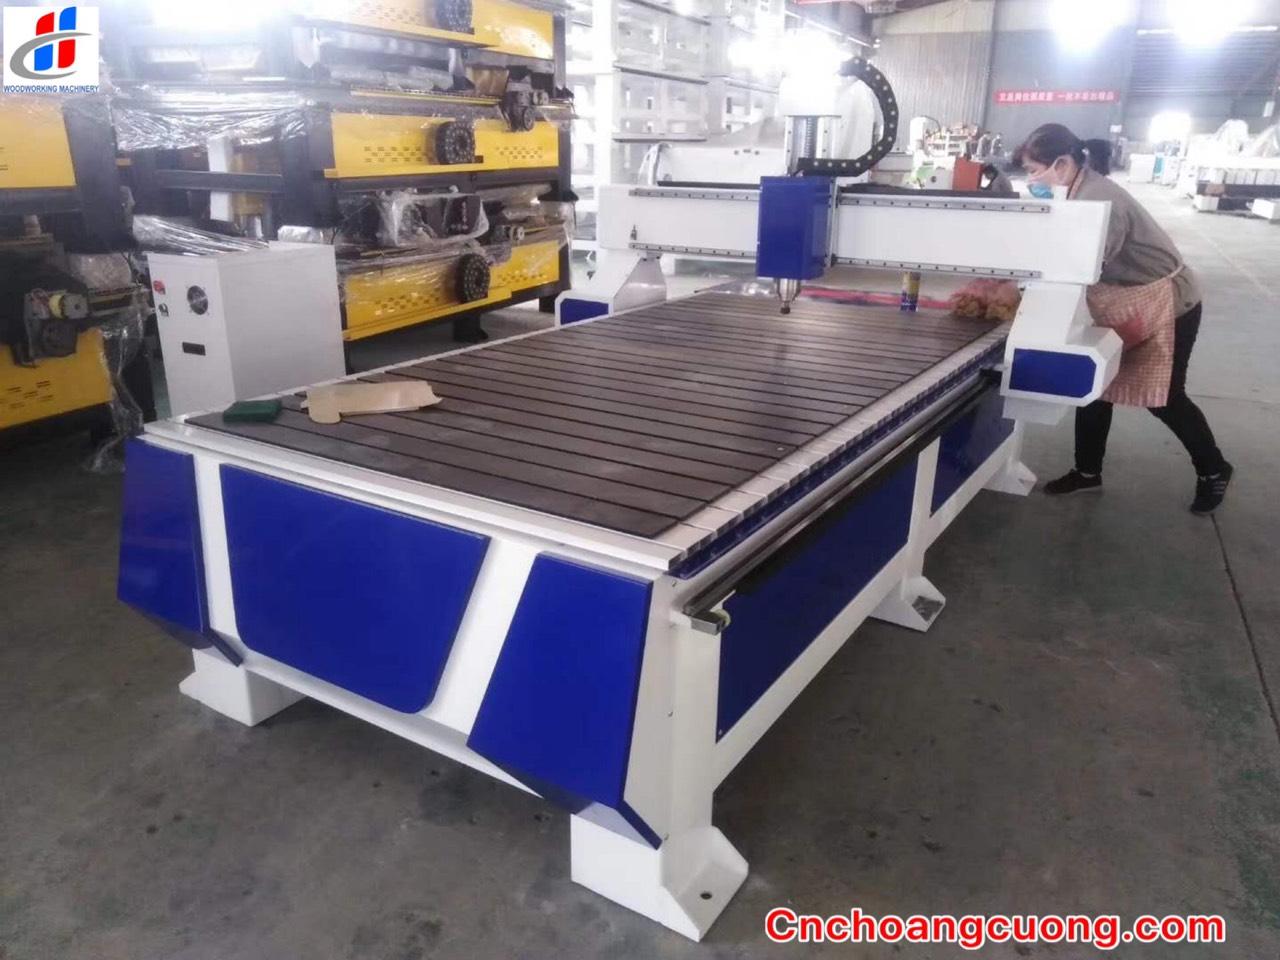 Máy CNC bàn nhôm - Máy CNC một đầu hút chân không hiện đại